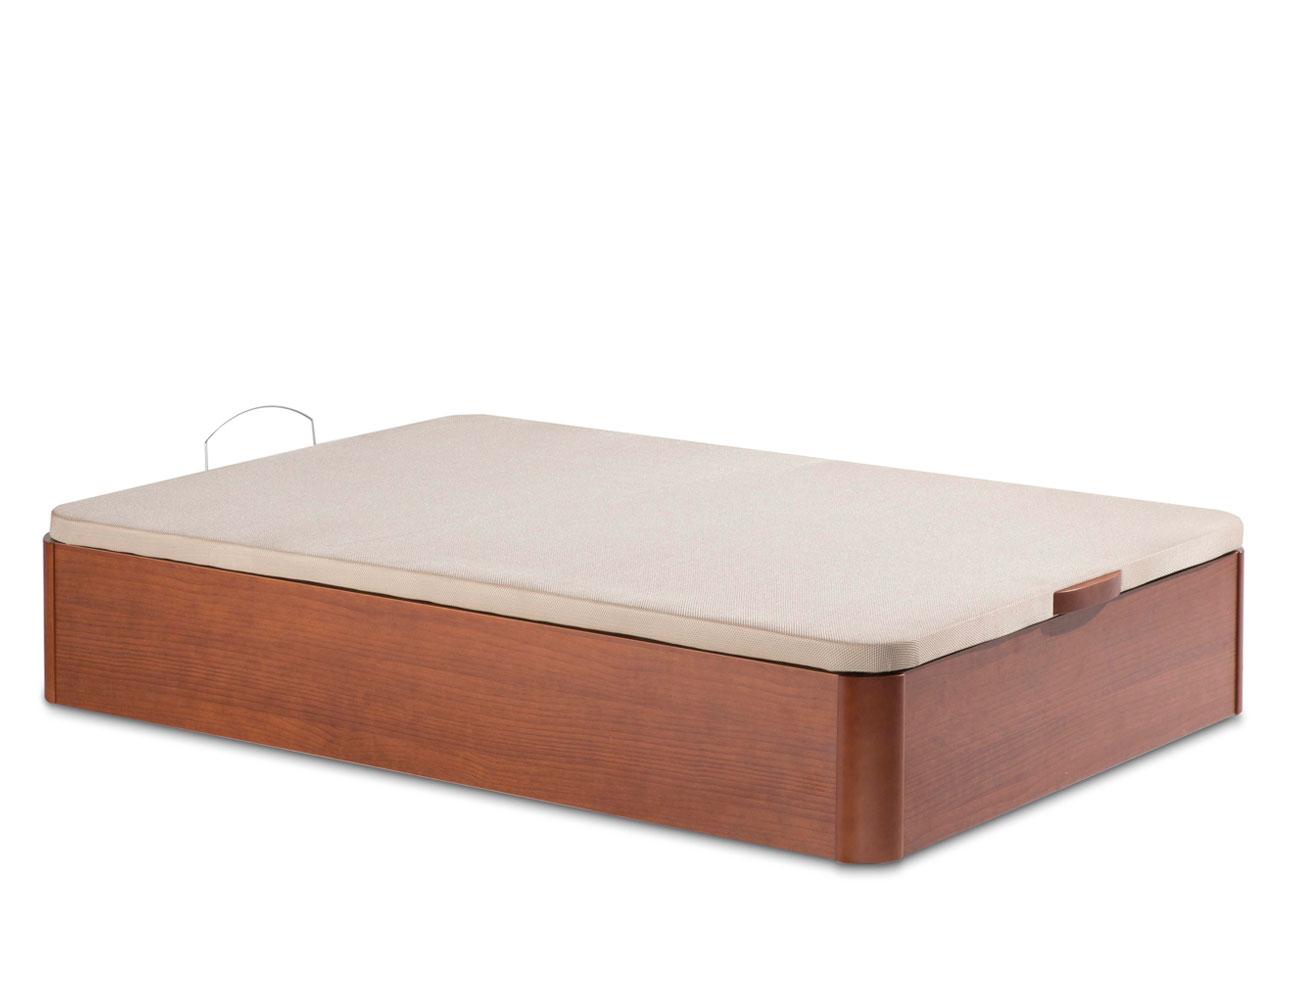 Canape madera base 3d 7316